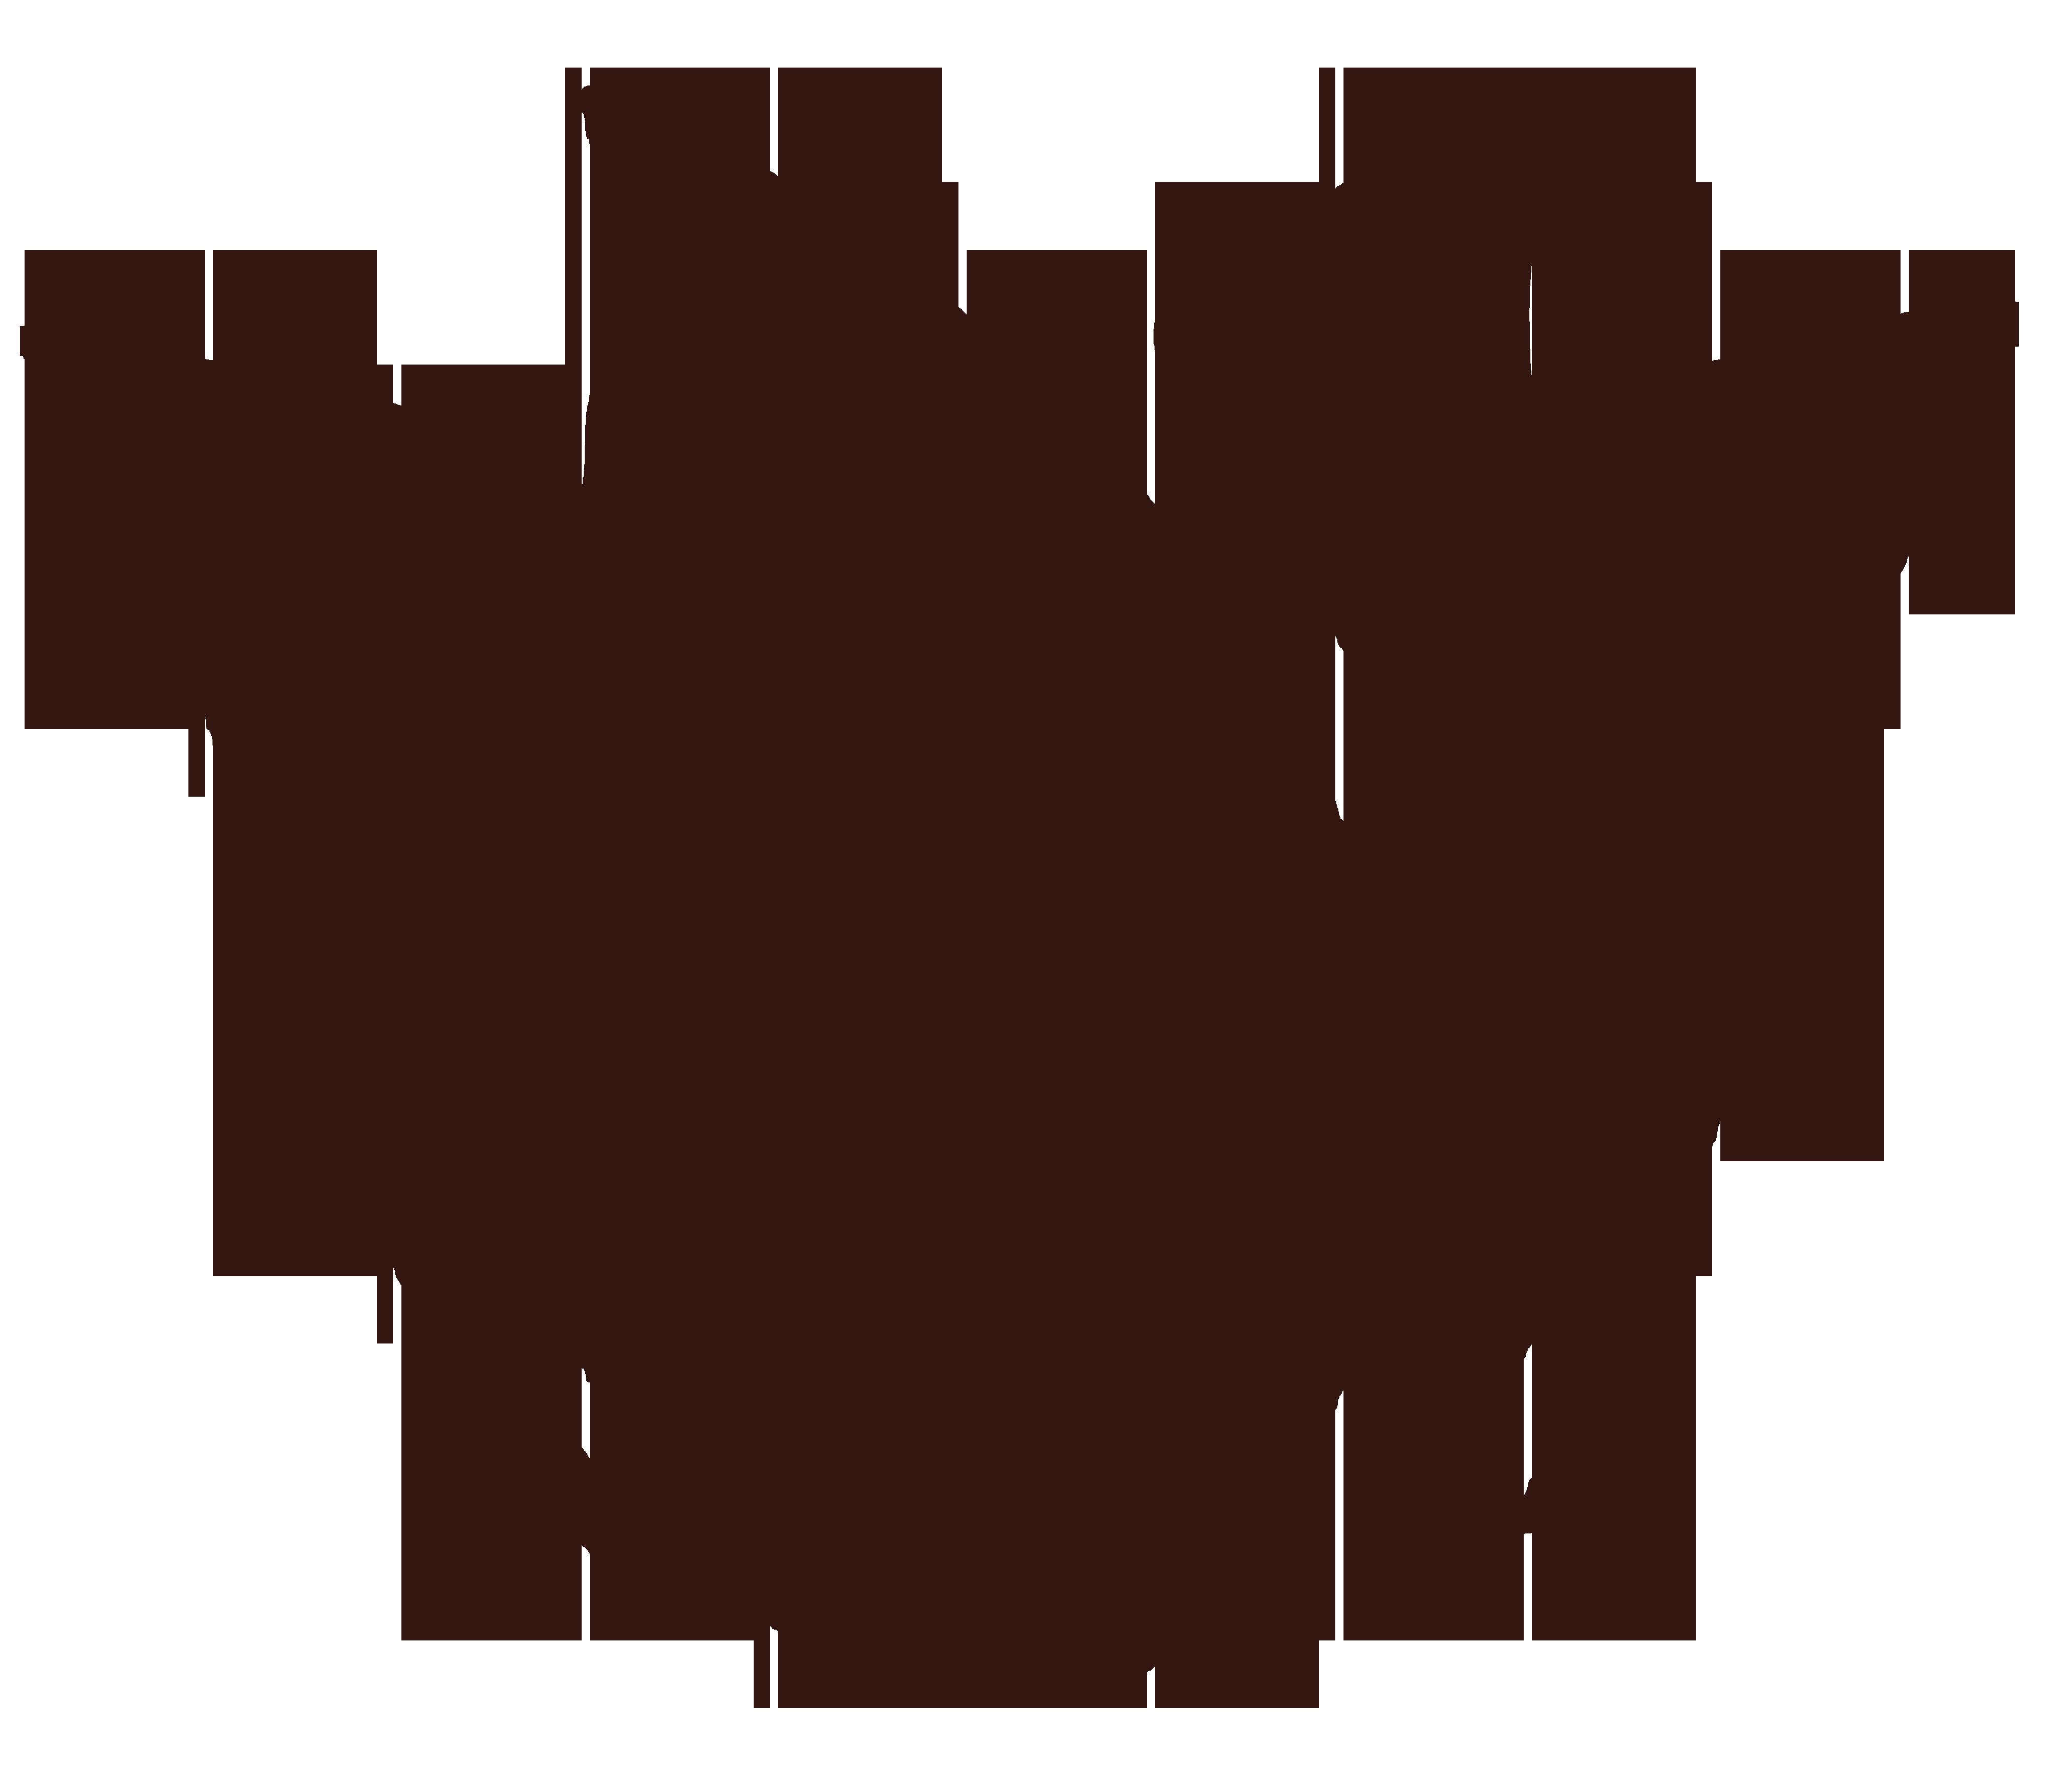 Flower Child Remedies flower logo